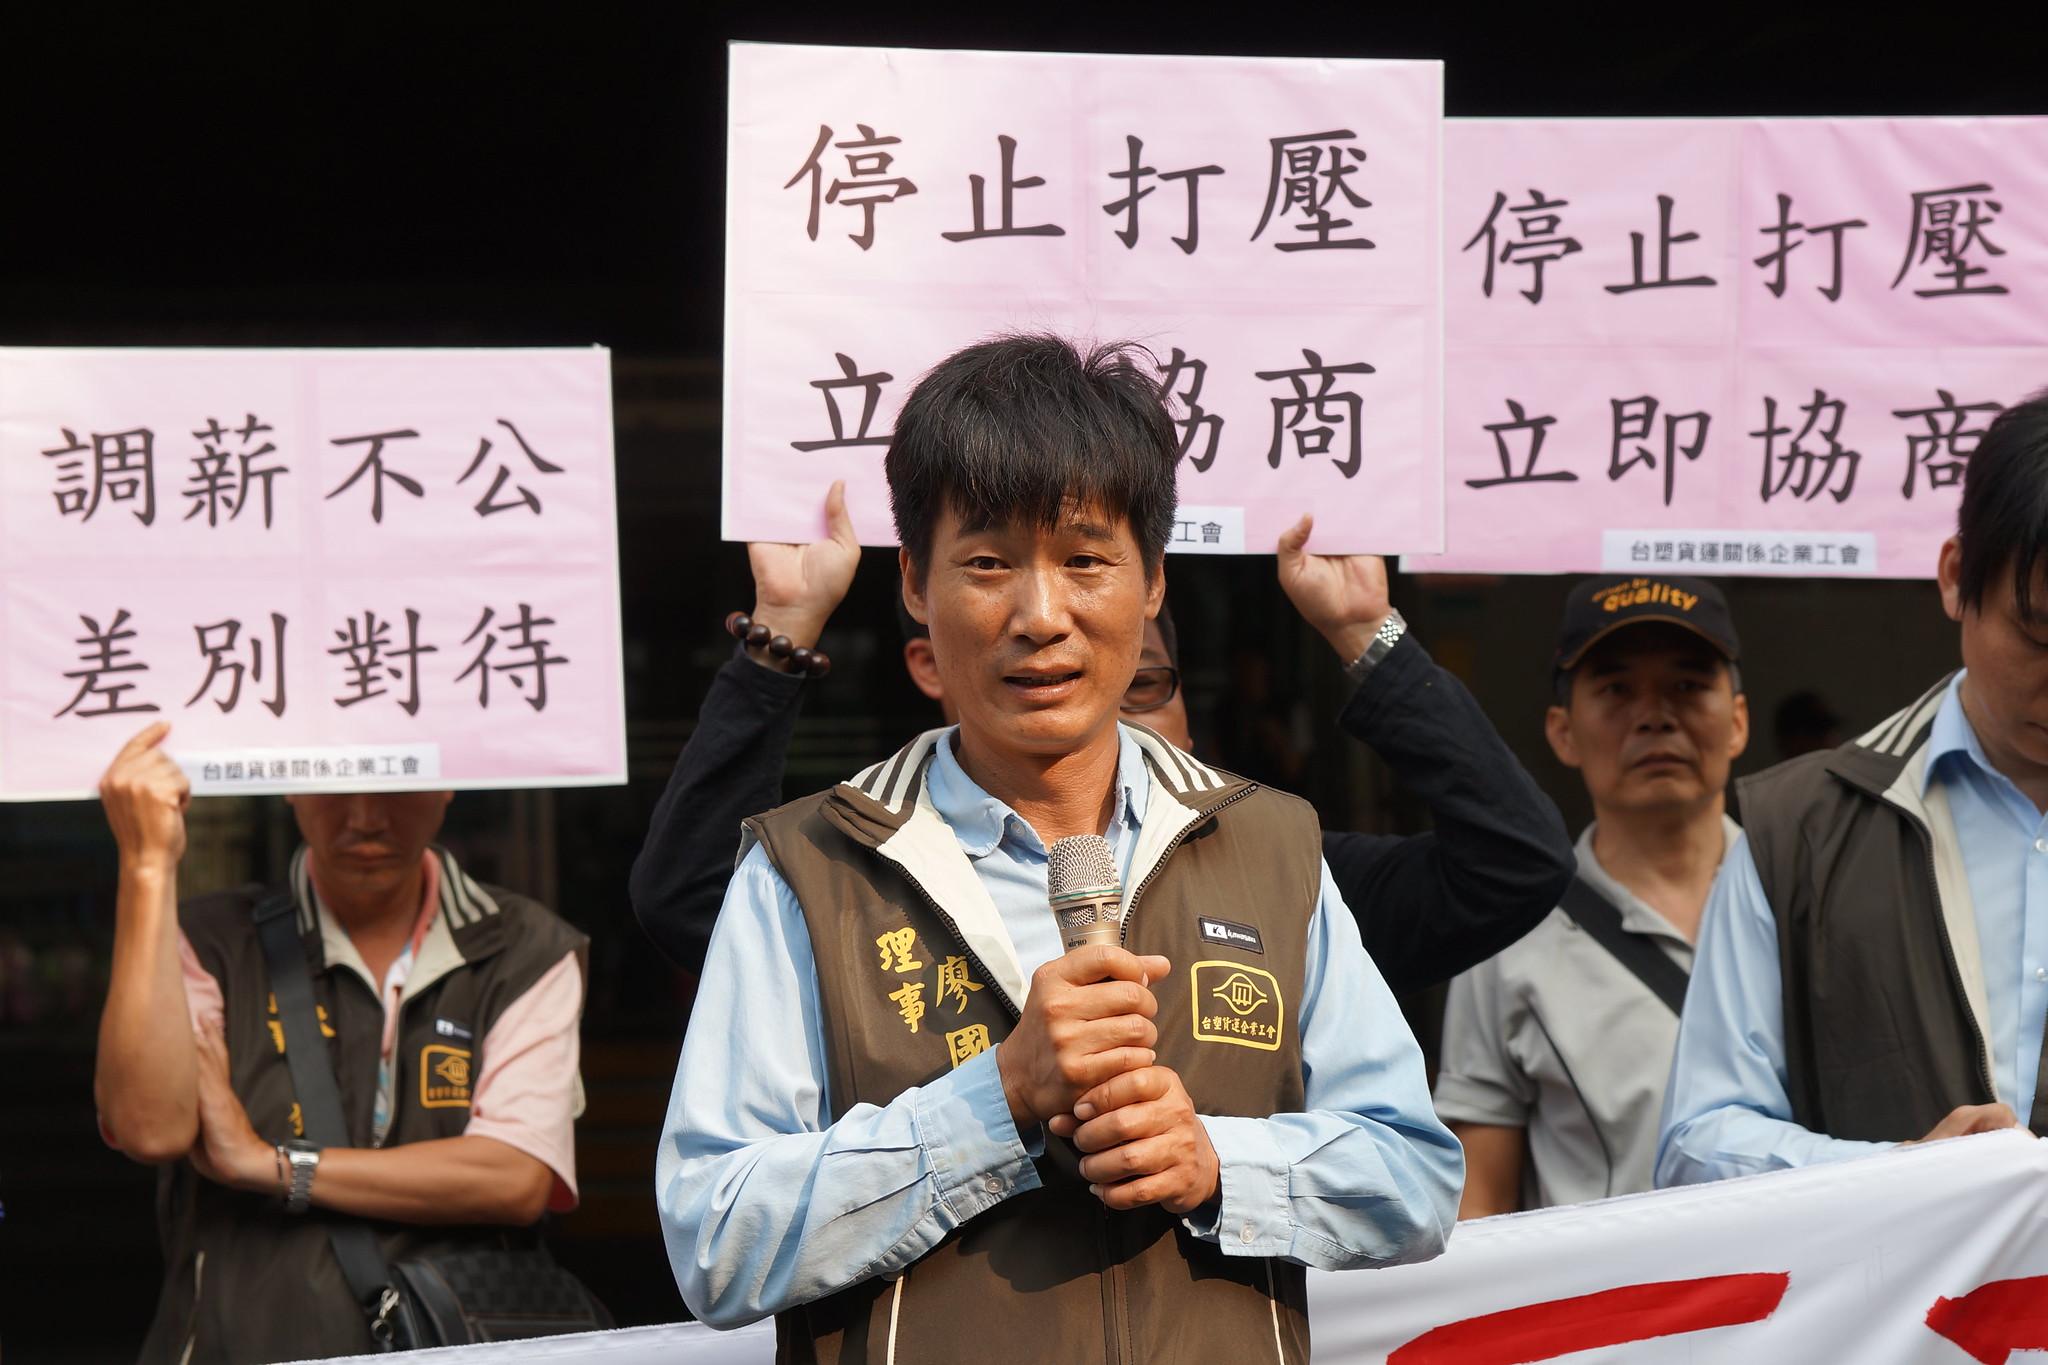 臺塑加薪 有影? 貨運駕駛抗議超時加班才領得到   苦勞網